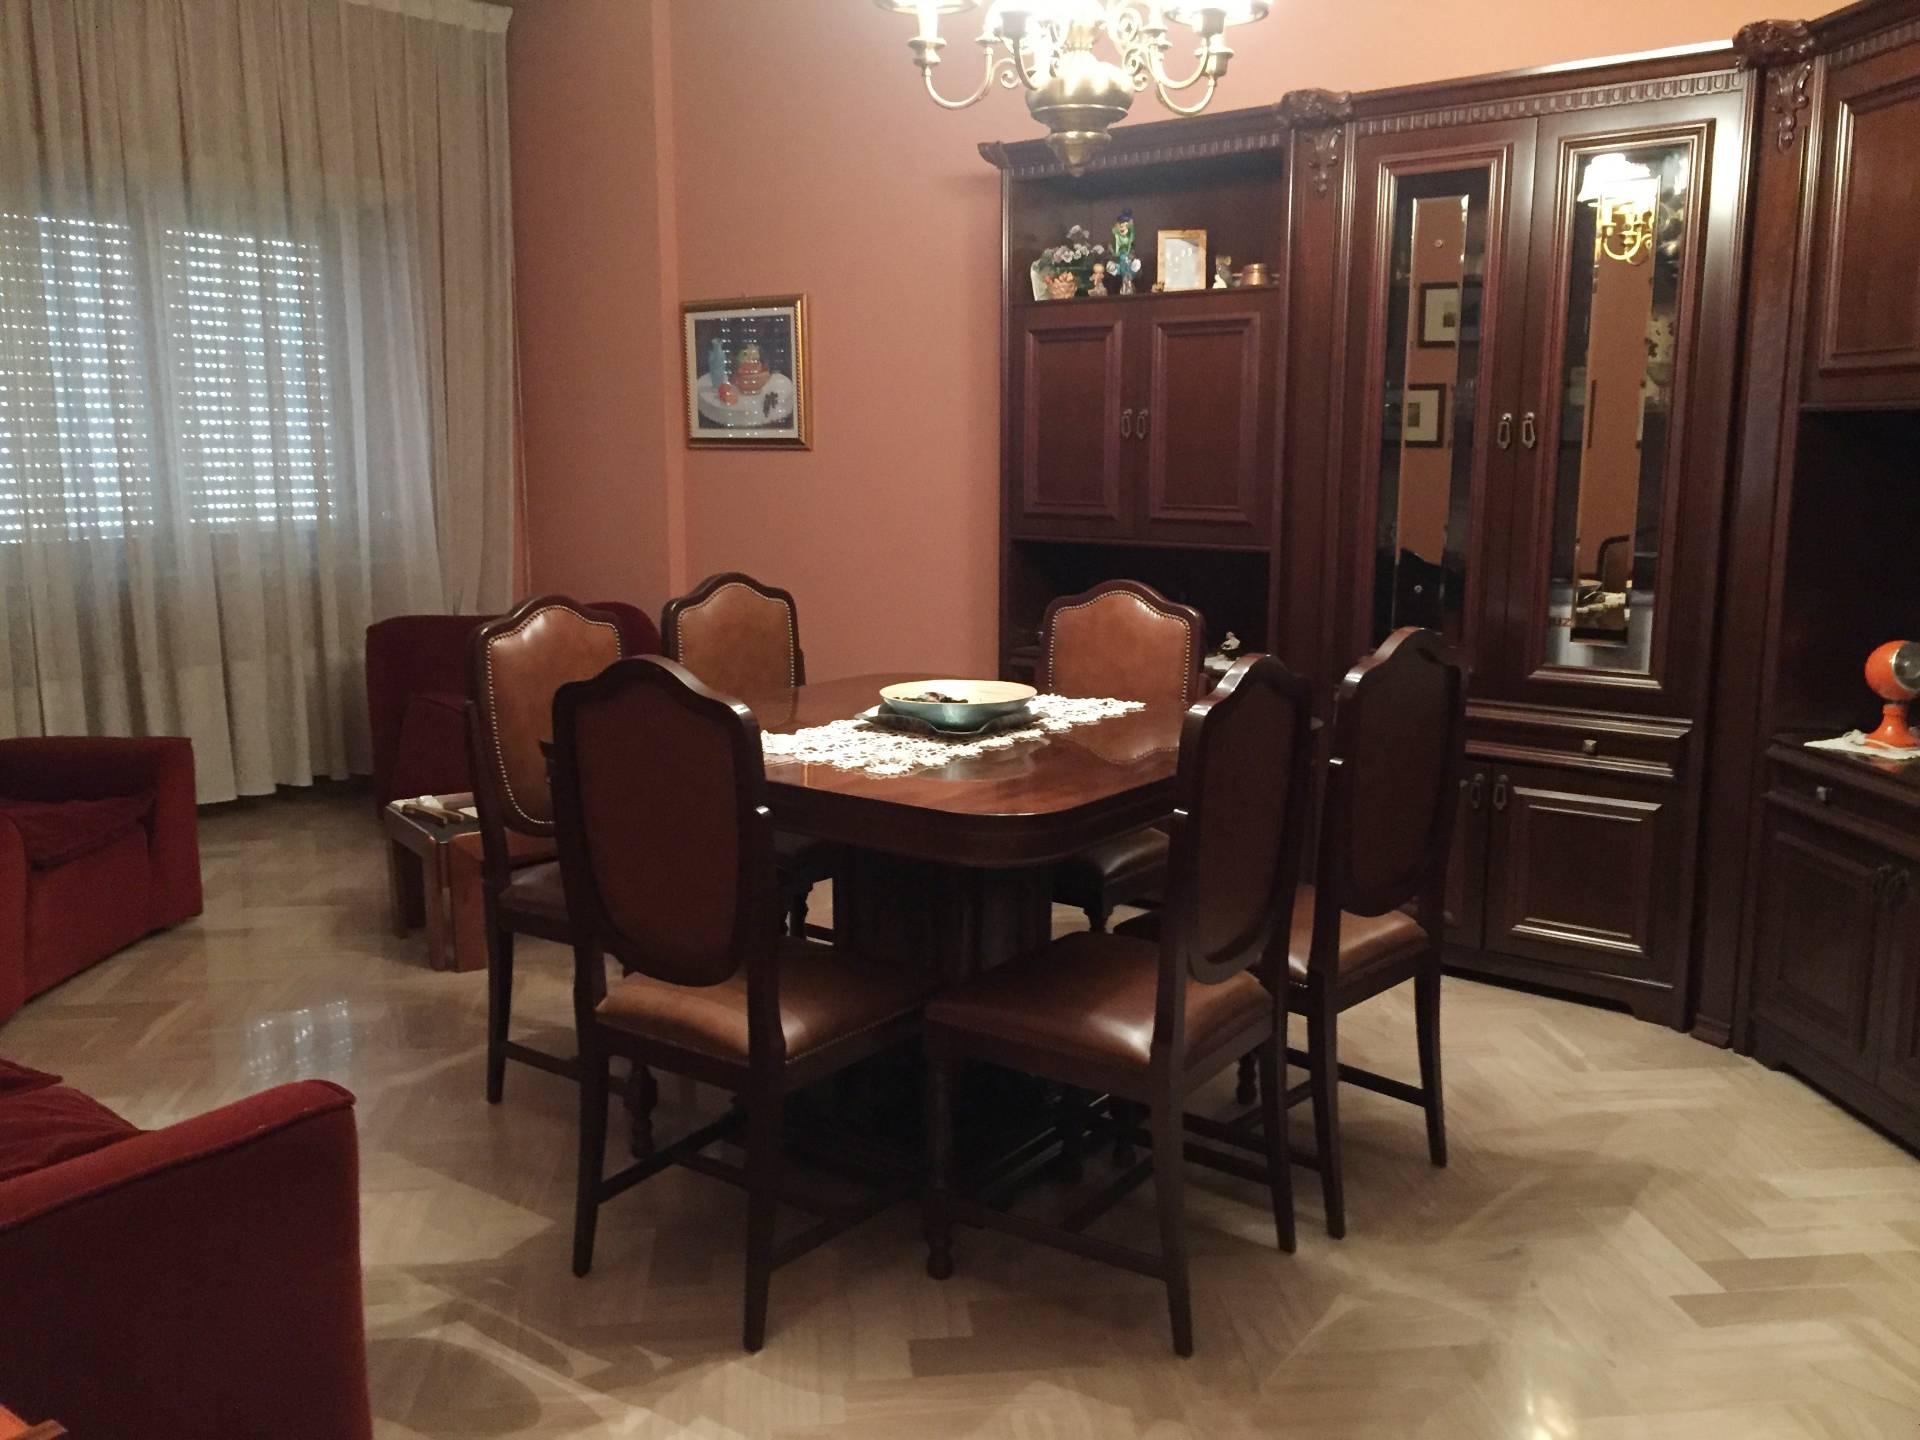 Appartamento in vendita a Ascoli Piceno, 7 locali, zona Località: CampoParignano, prezzo € 199.000 | Cambio Casa.it